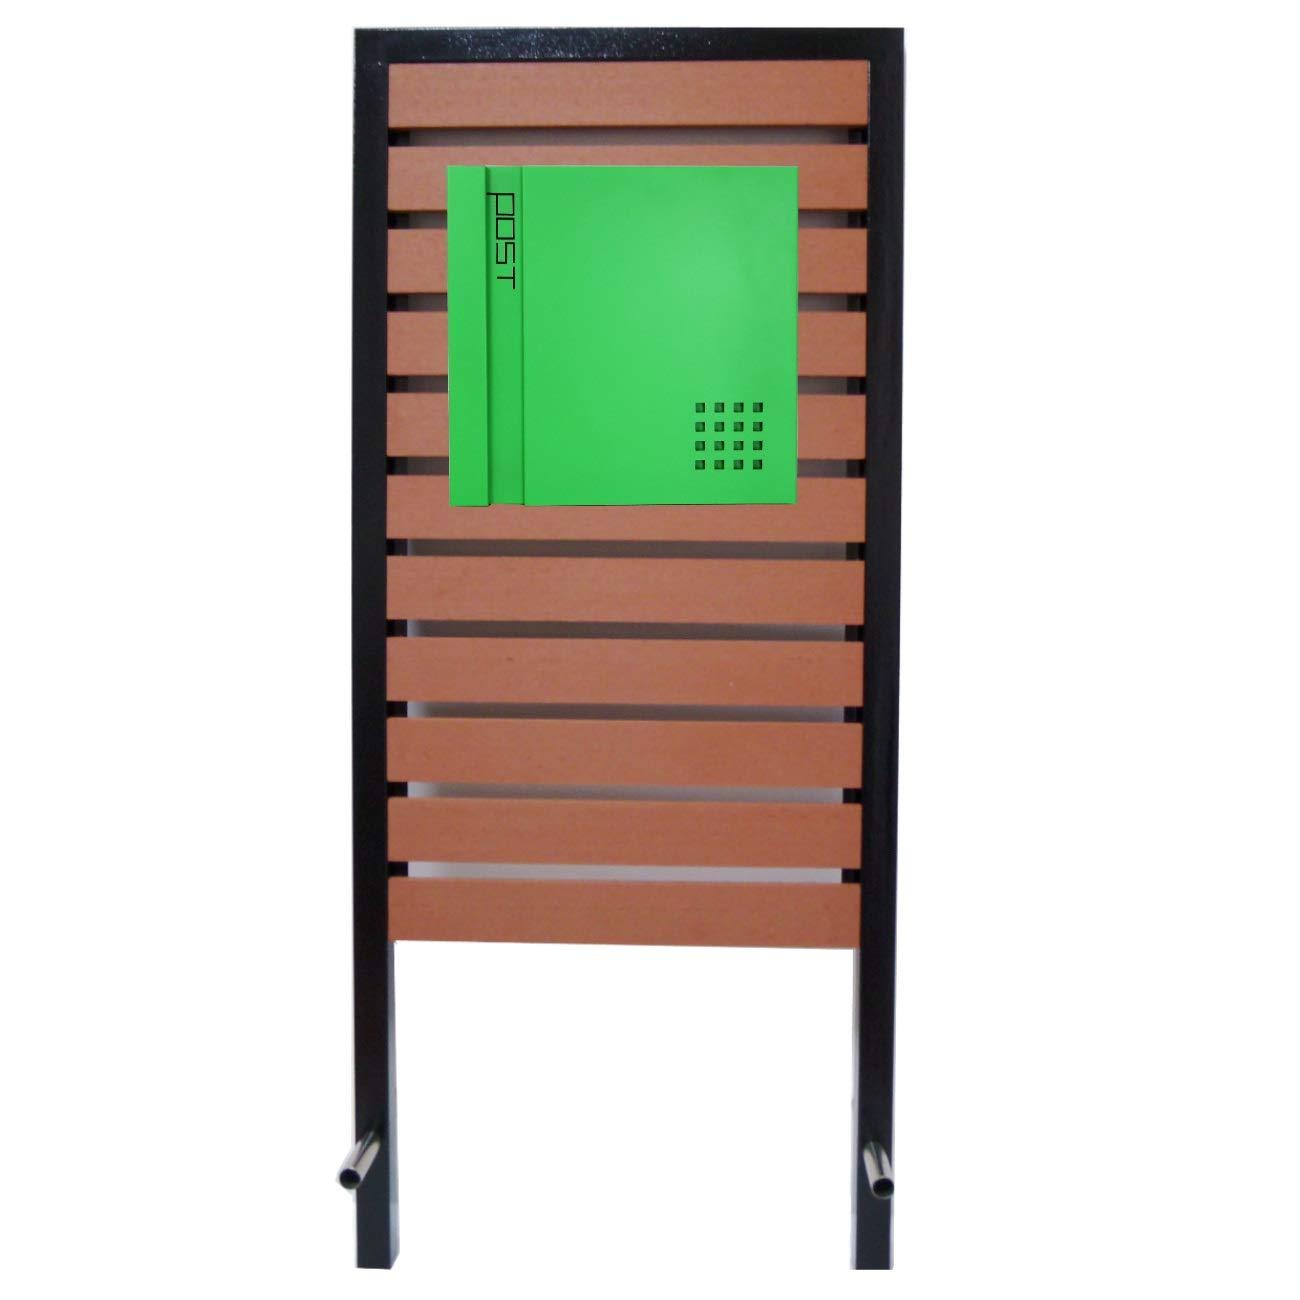 郵便ポスト スタンド付 壁掛け鍵付きマグネット付きグリーン 緑色ポストpm18s-pm466   B07FX9WKCR